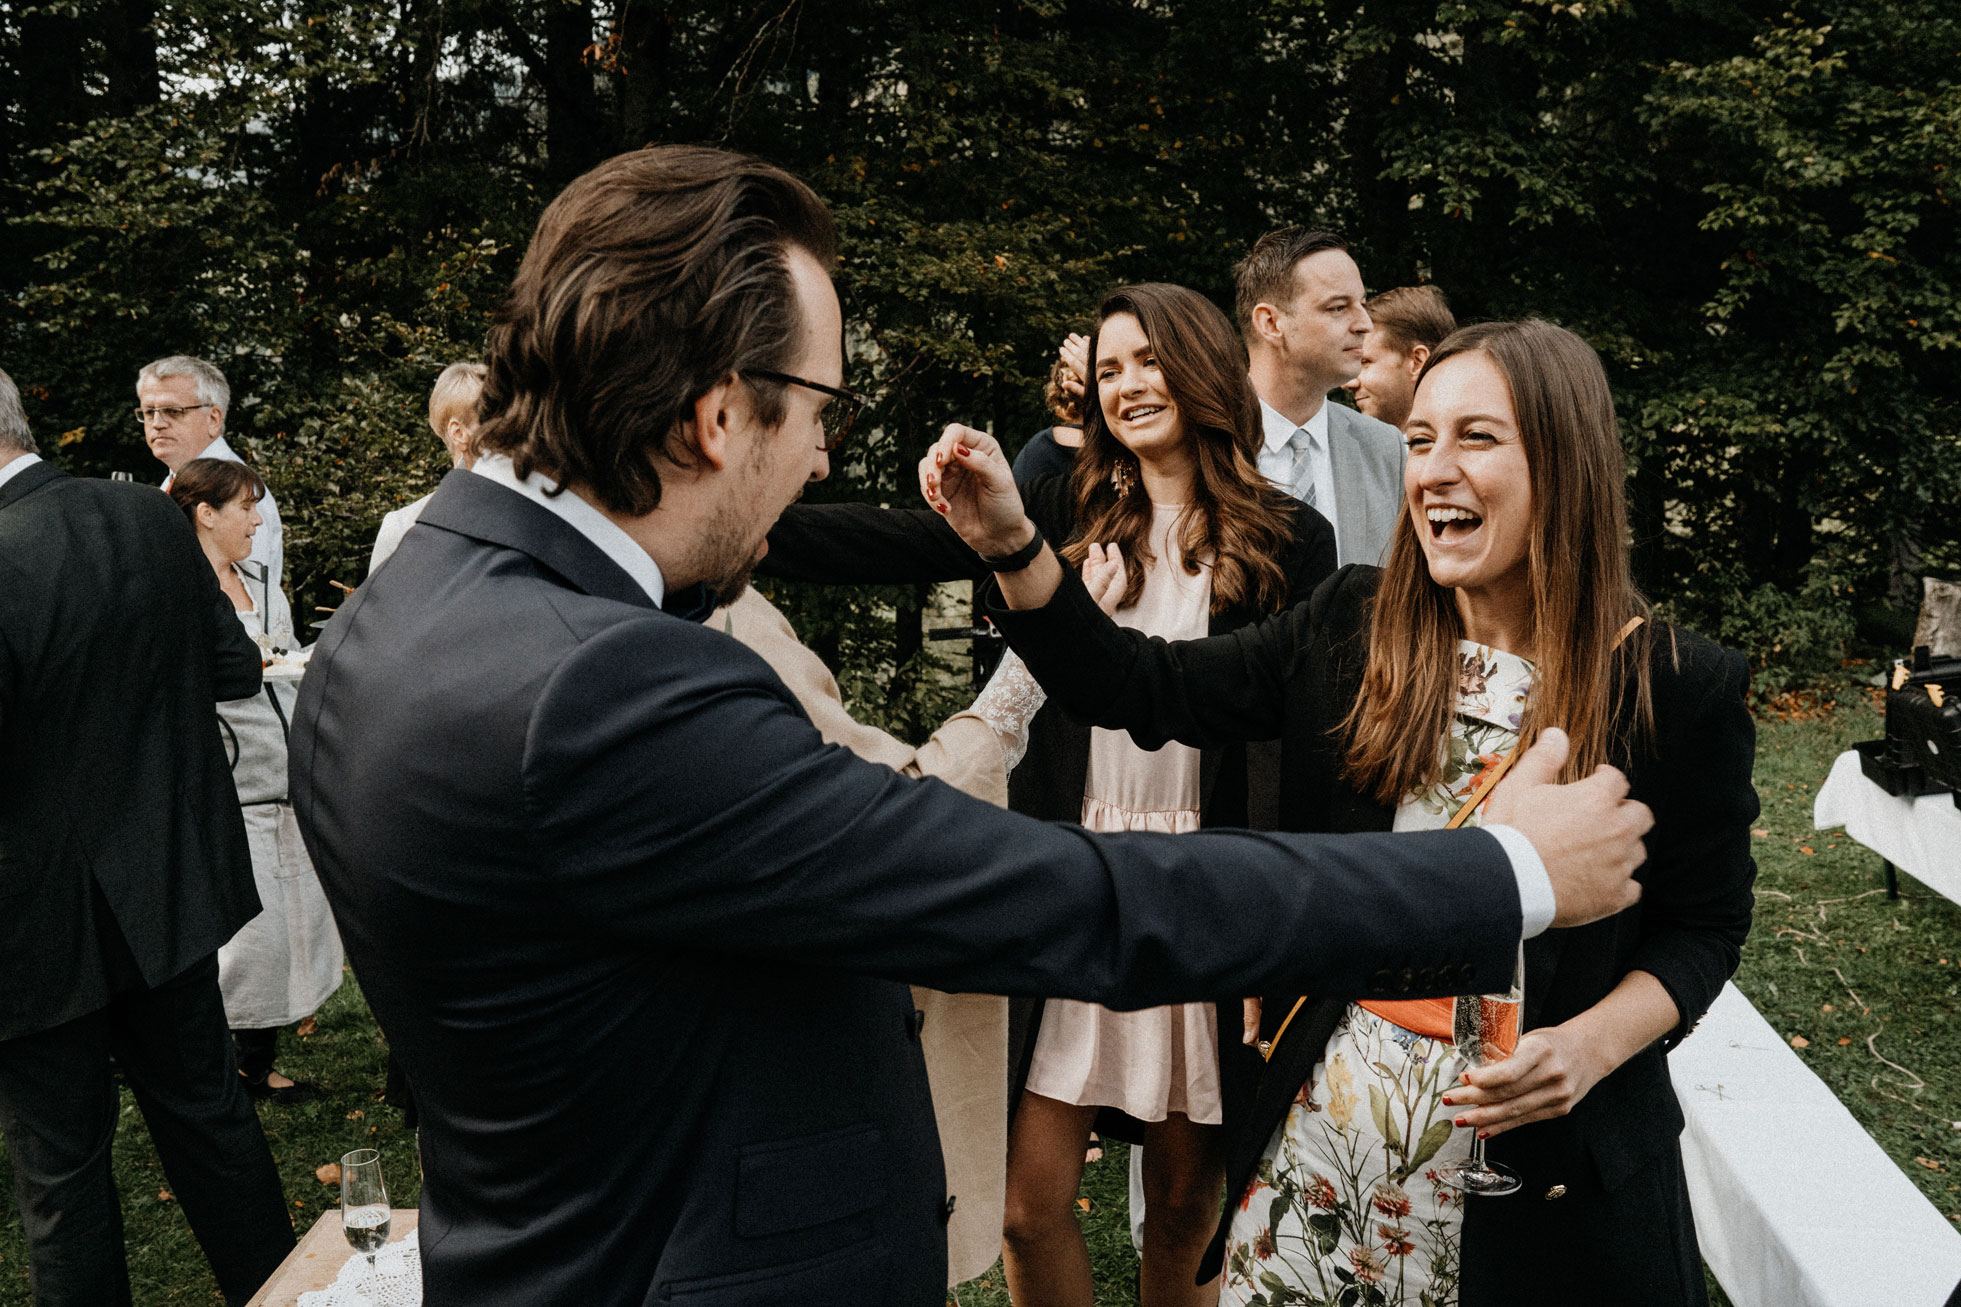 Hochzeit_Claire_Manuel_Villa_Maund_Daniel_Jenny-292.jpg